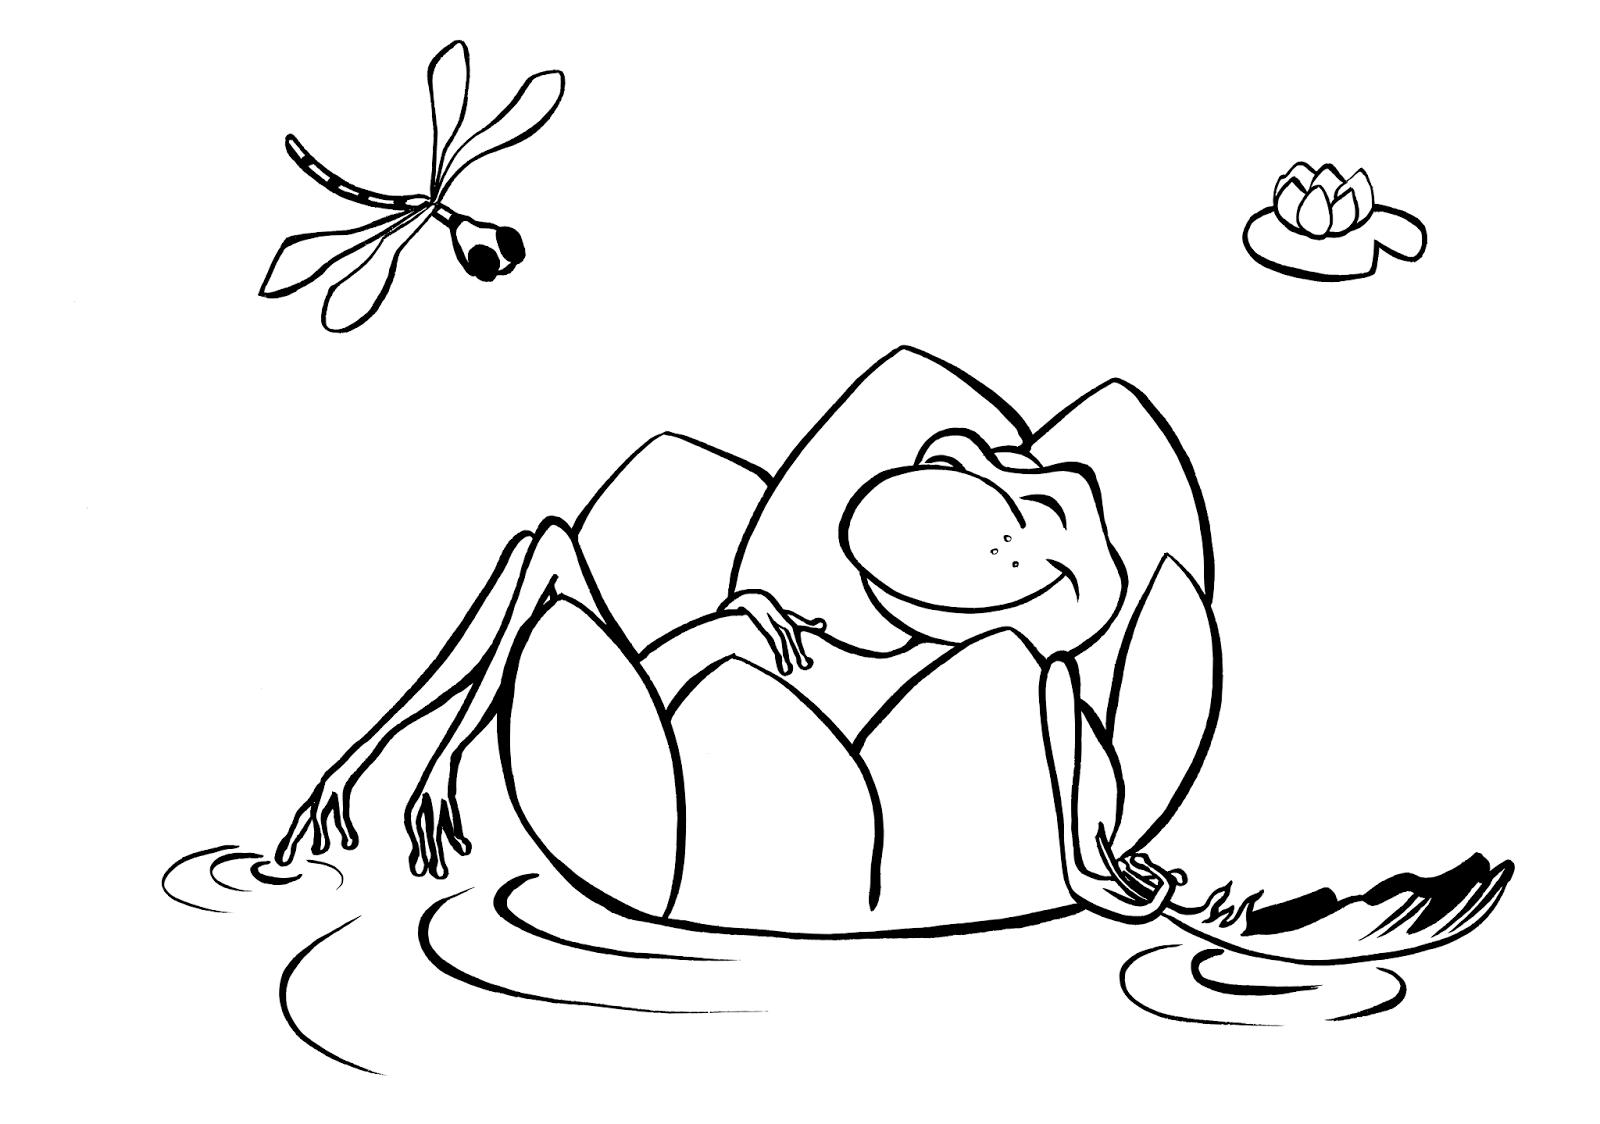 Les devoirs d 39 aquarl coloriage 6 - Coloriage de grenouille ...